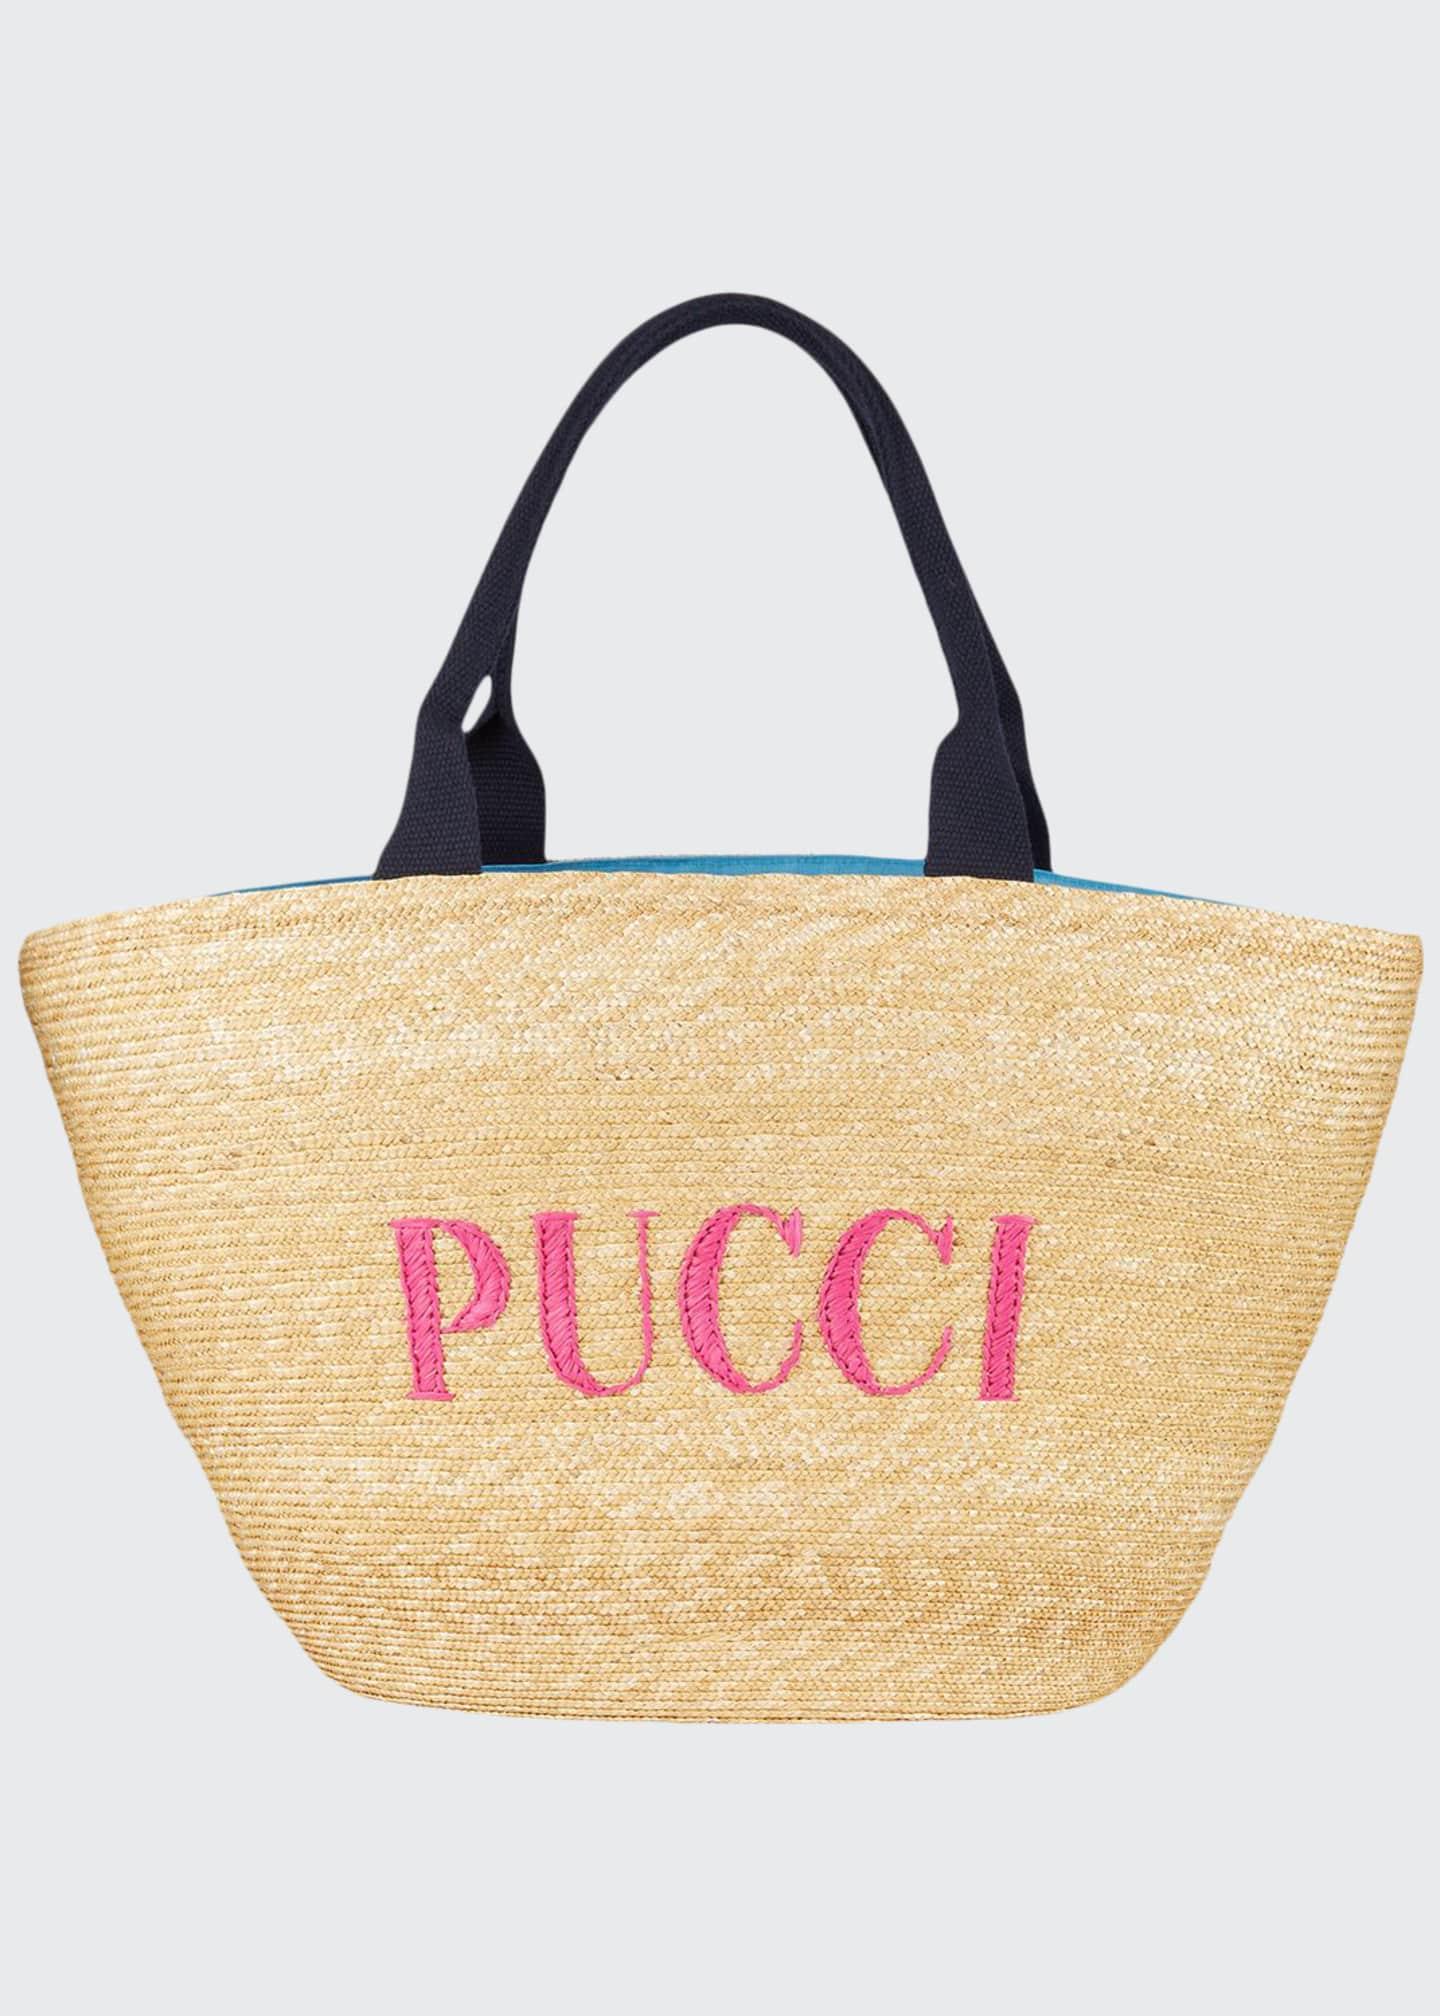 Emilio Pucci Logo Straw Beach Bag